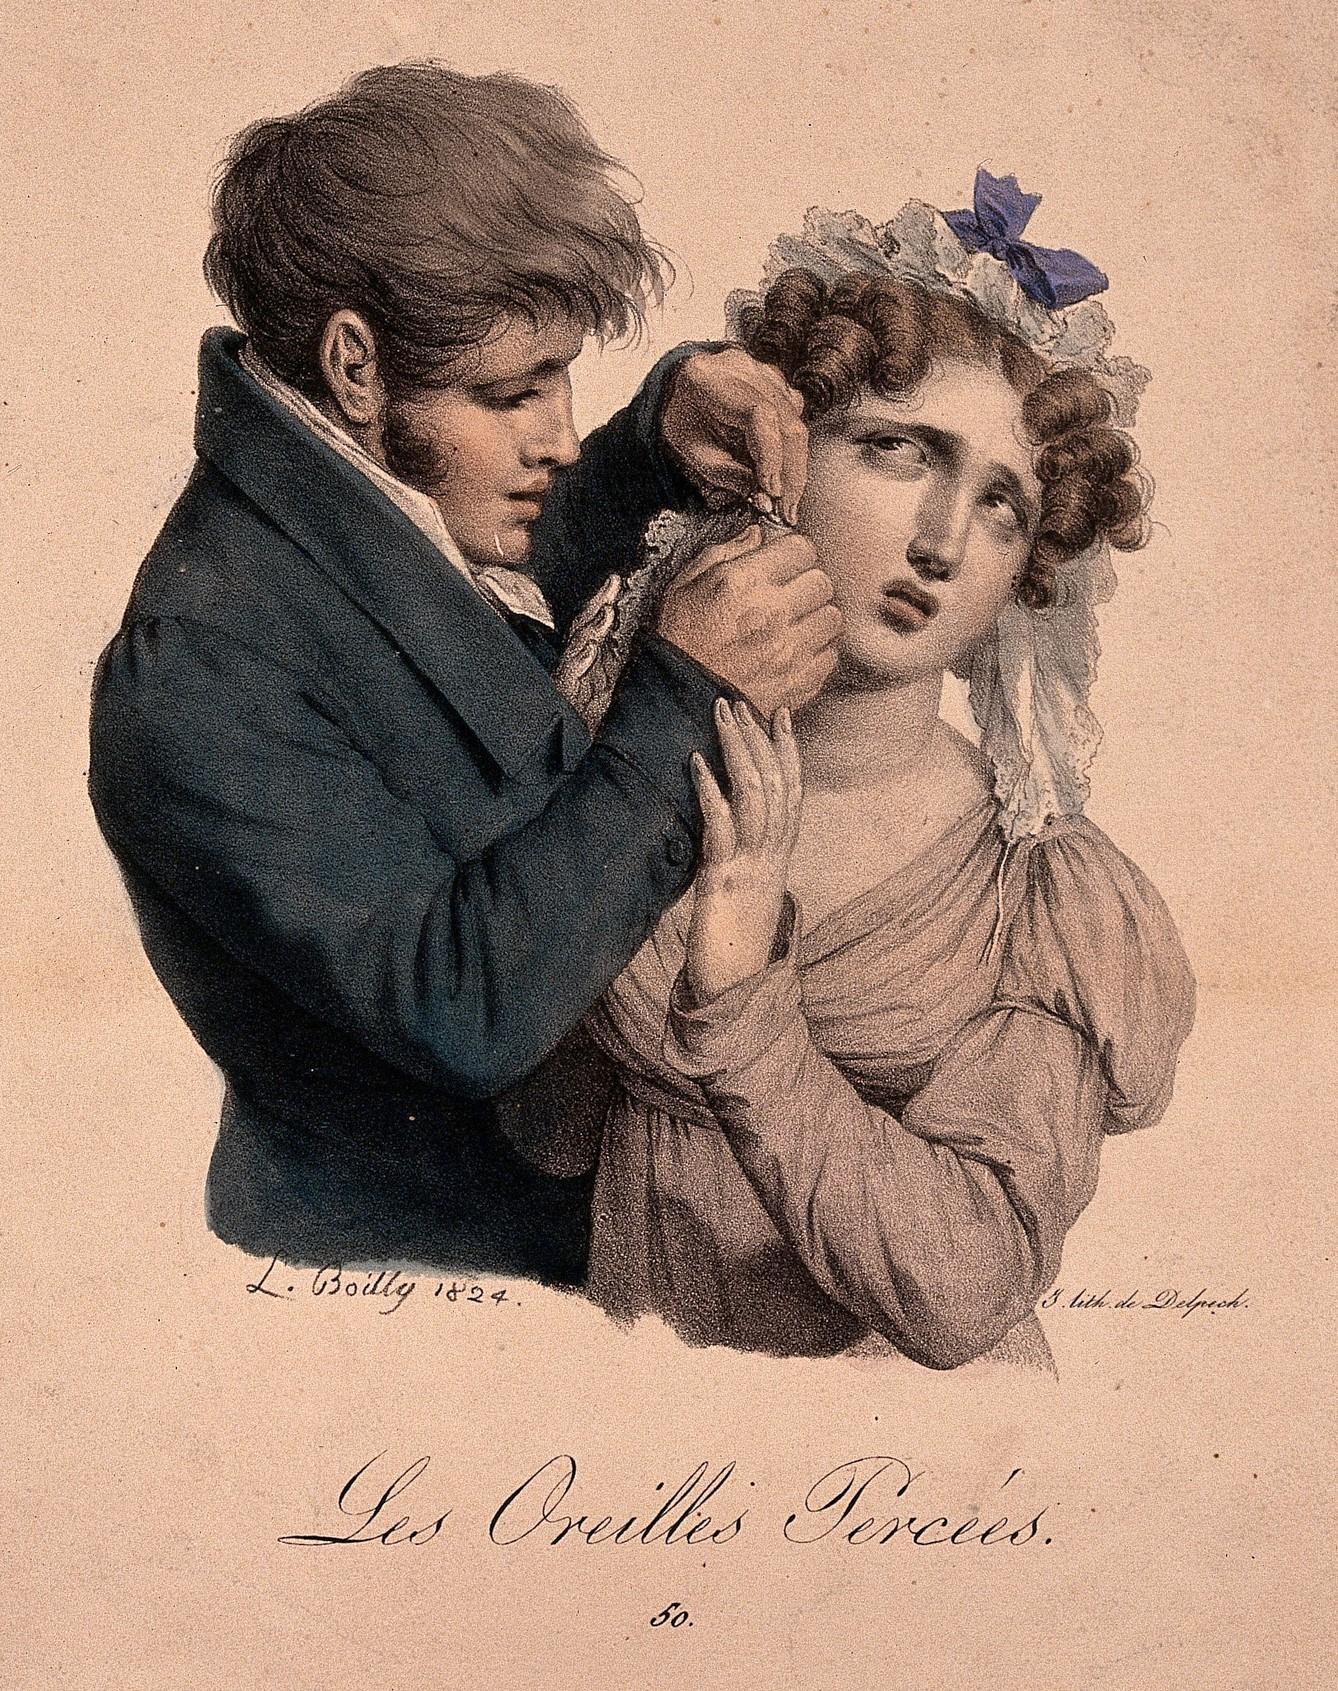 Boilly 1824 Les Oreilles percees Les grimaces